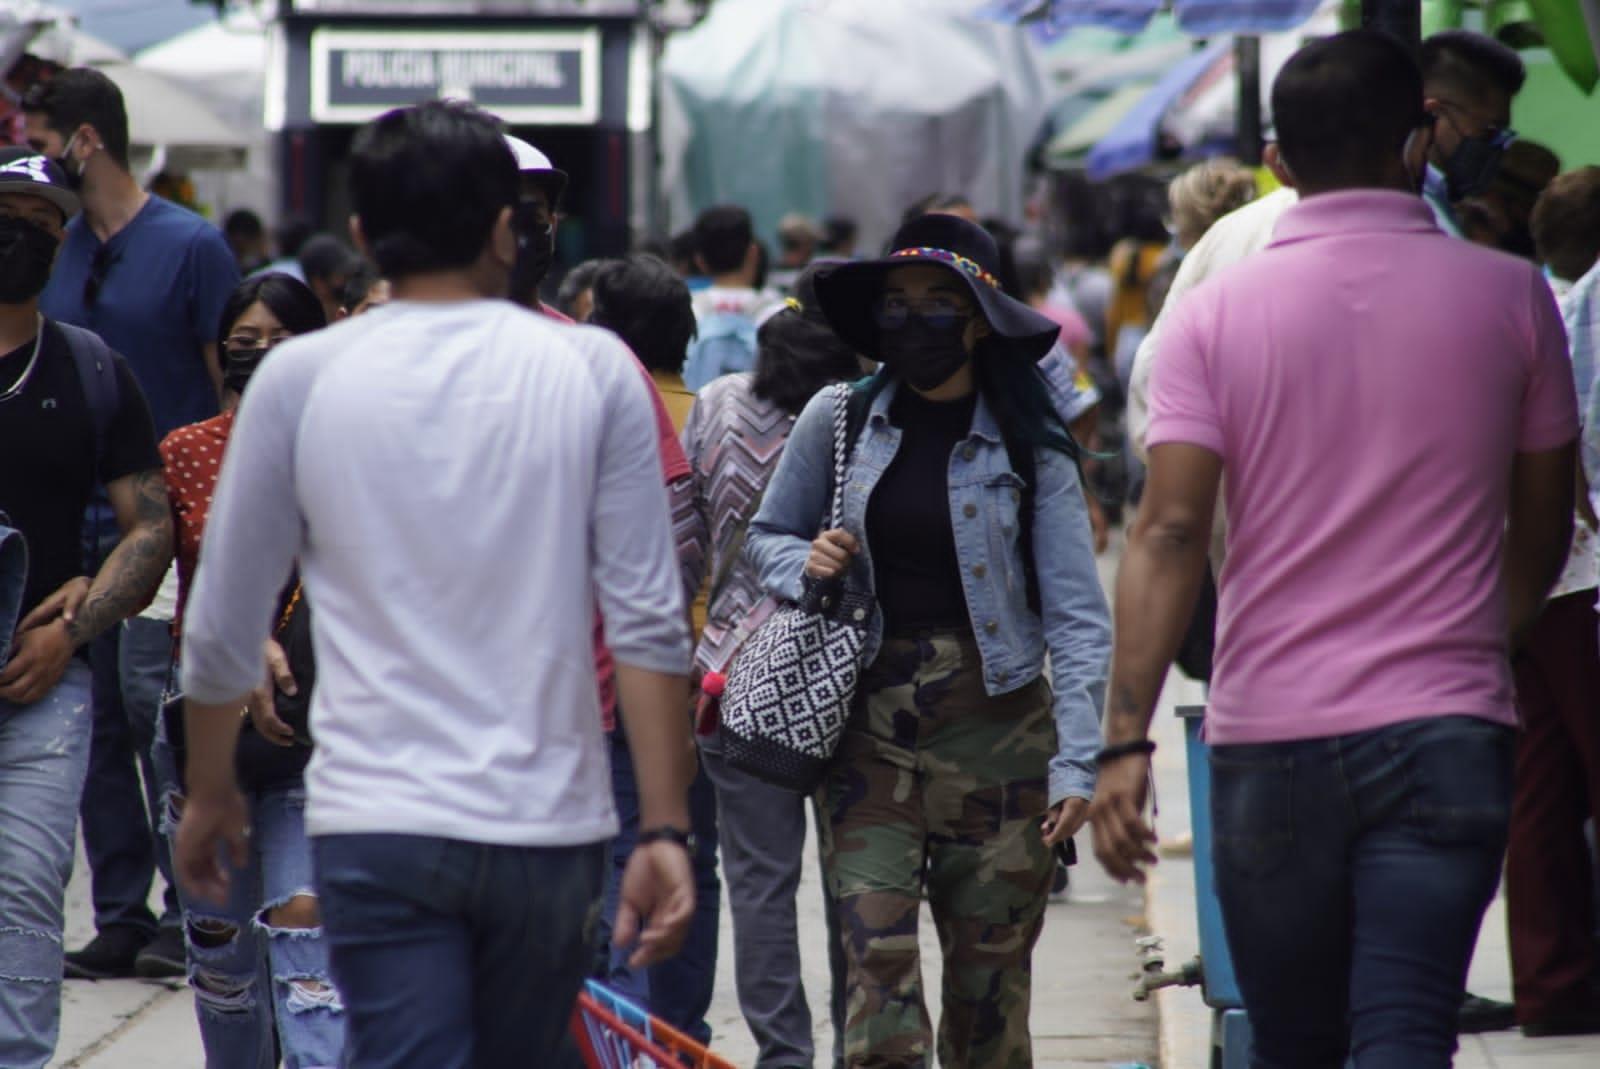 Pasa Oaxaca a semáforo verde por Covid-19; registran 347 casos nuevos en últimas 24 horas